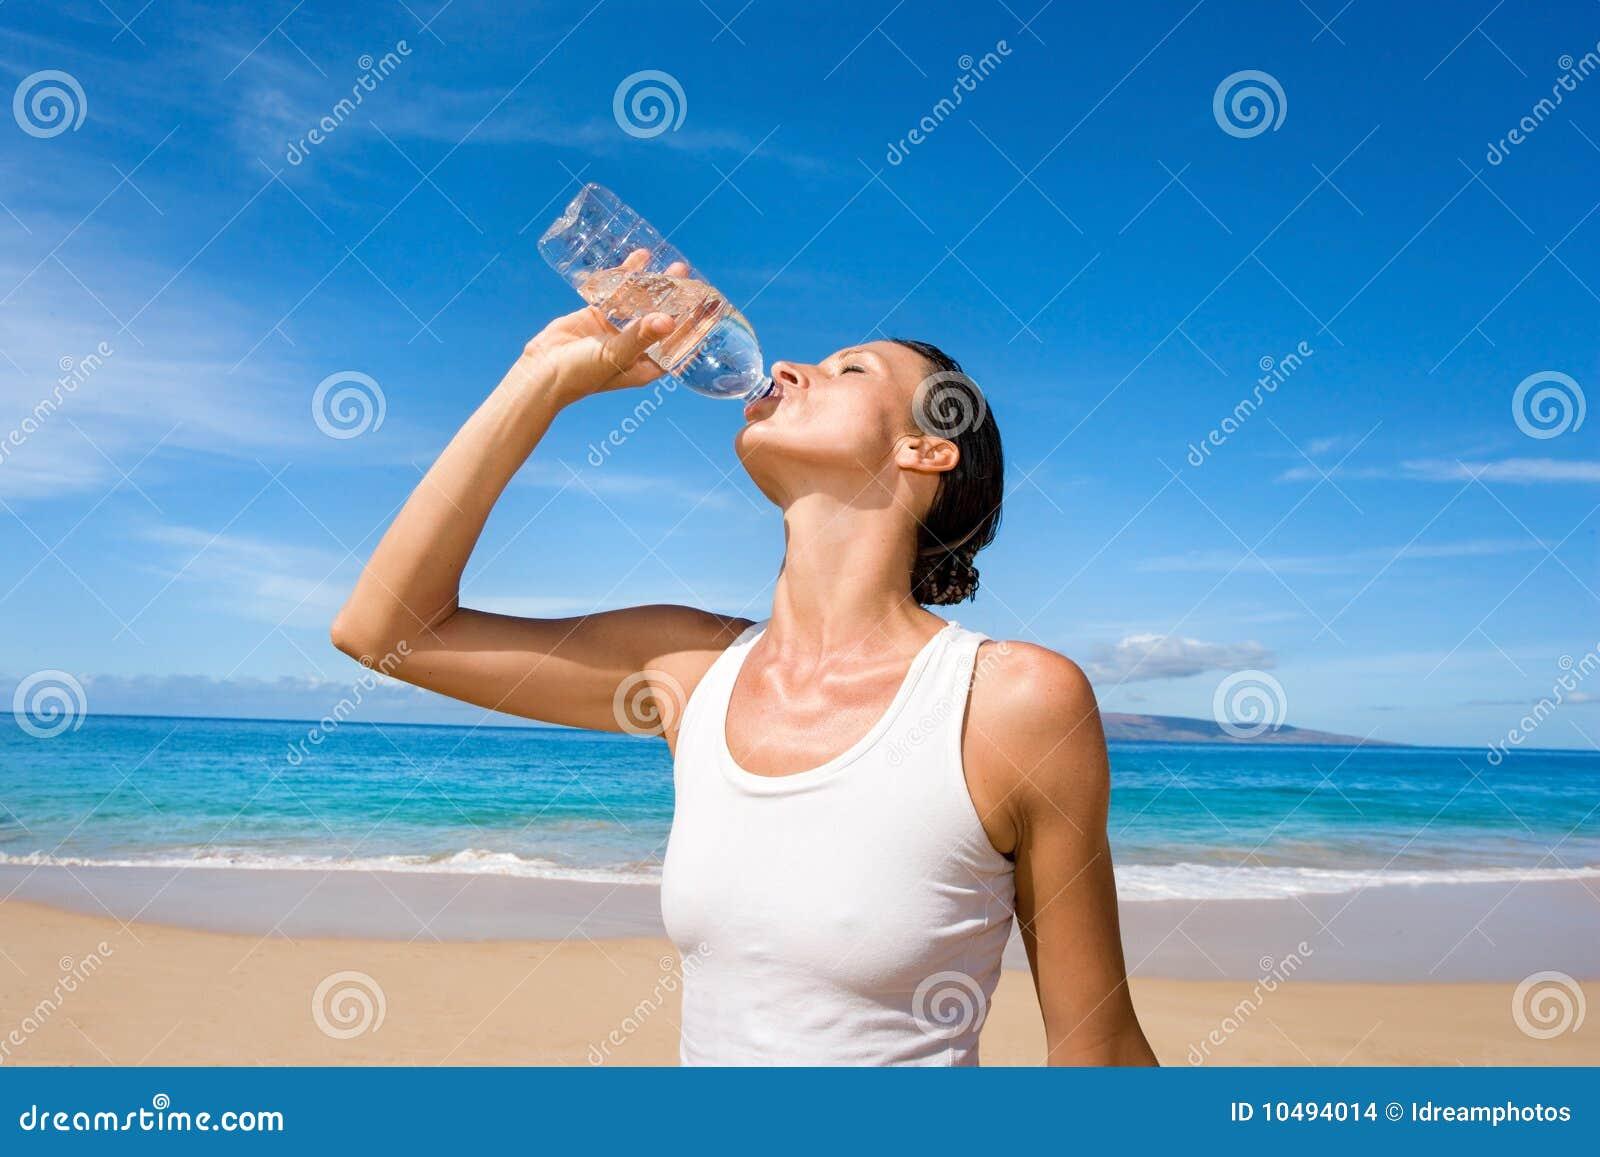 woman water sport bottle